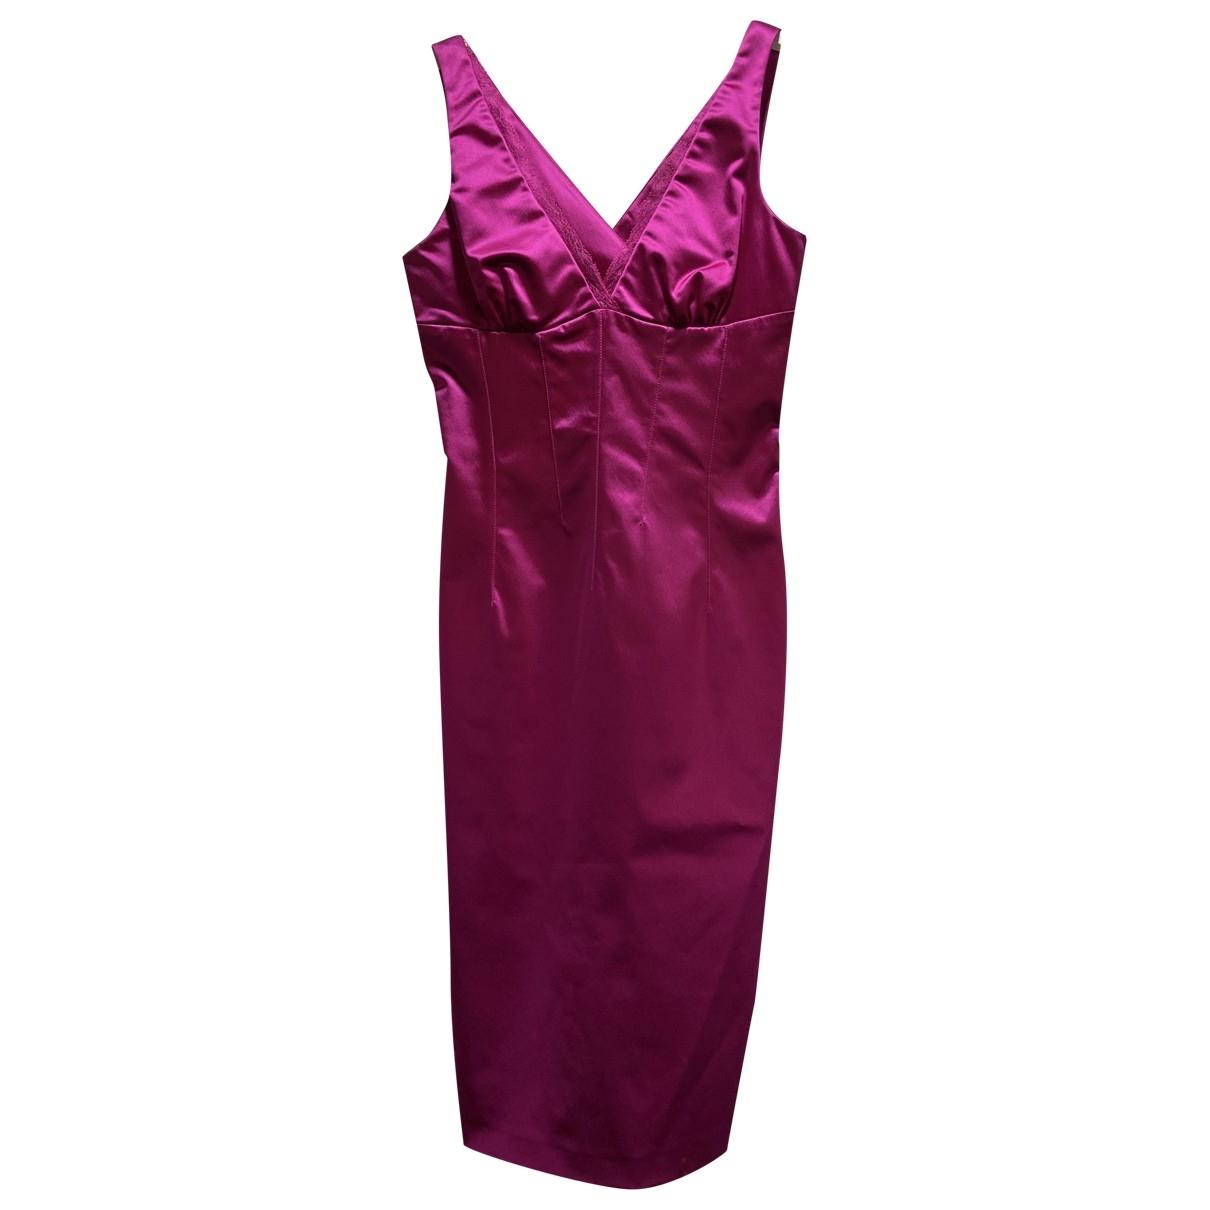 D&g \N dress for Women 42 IT